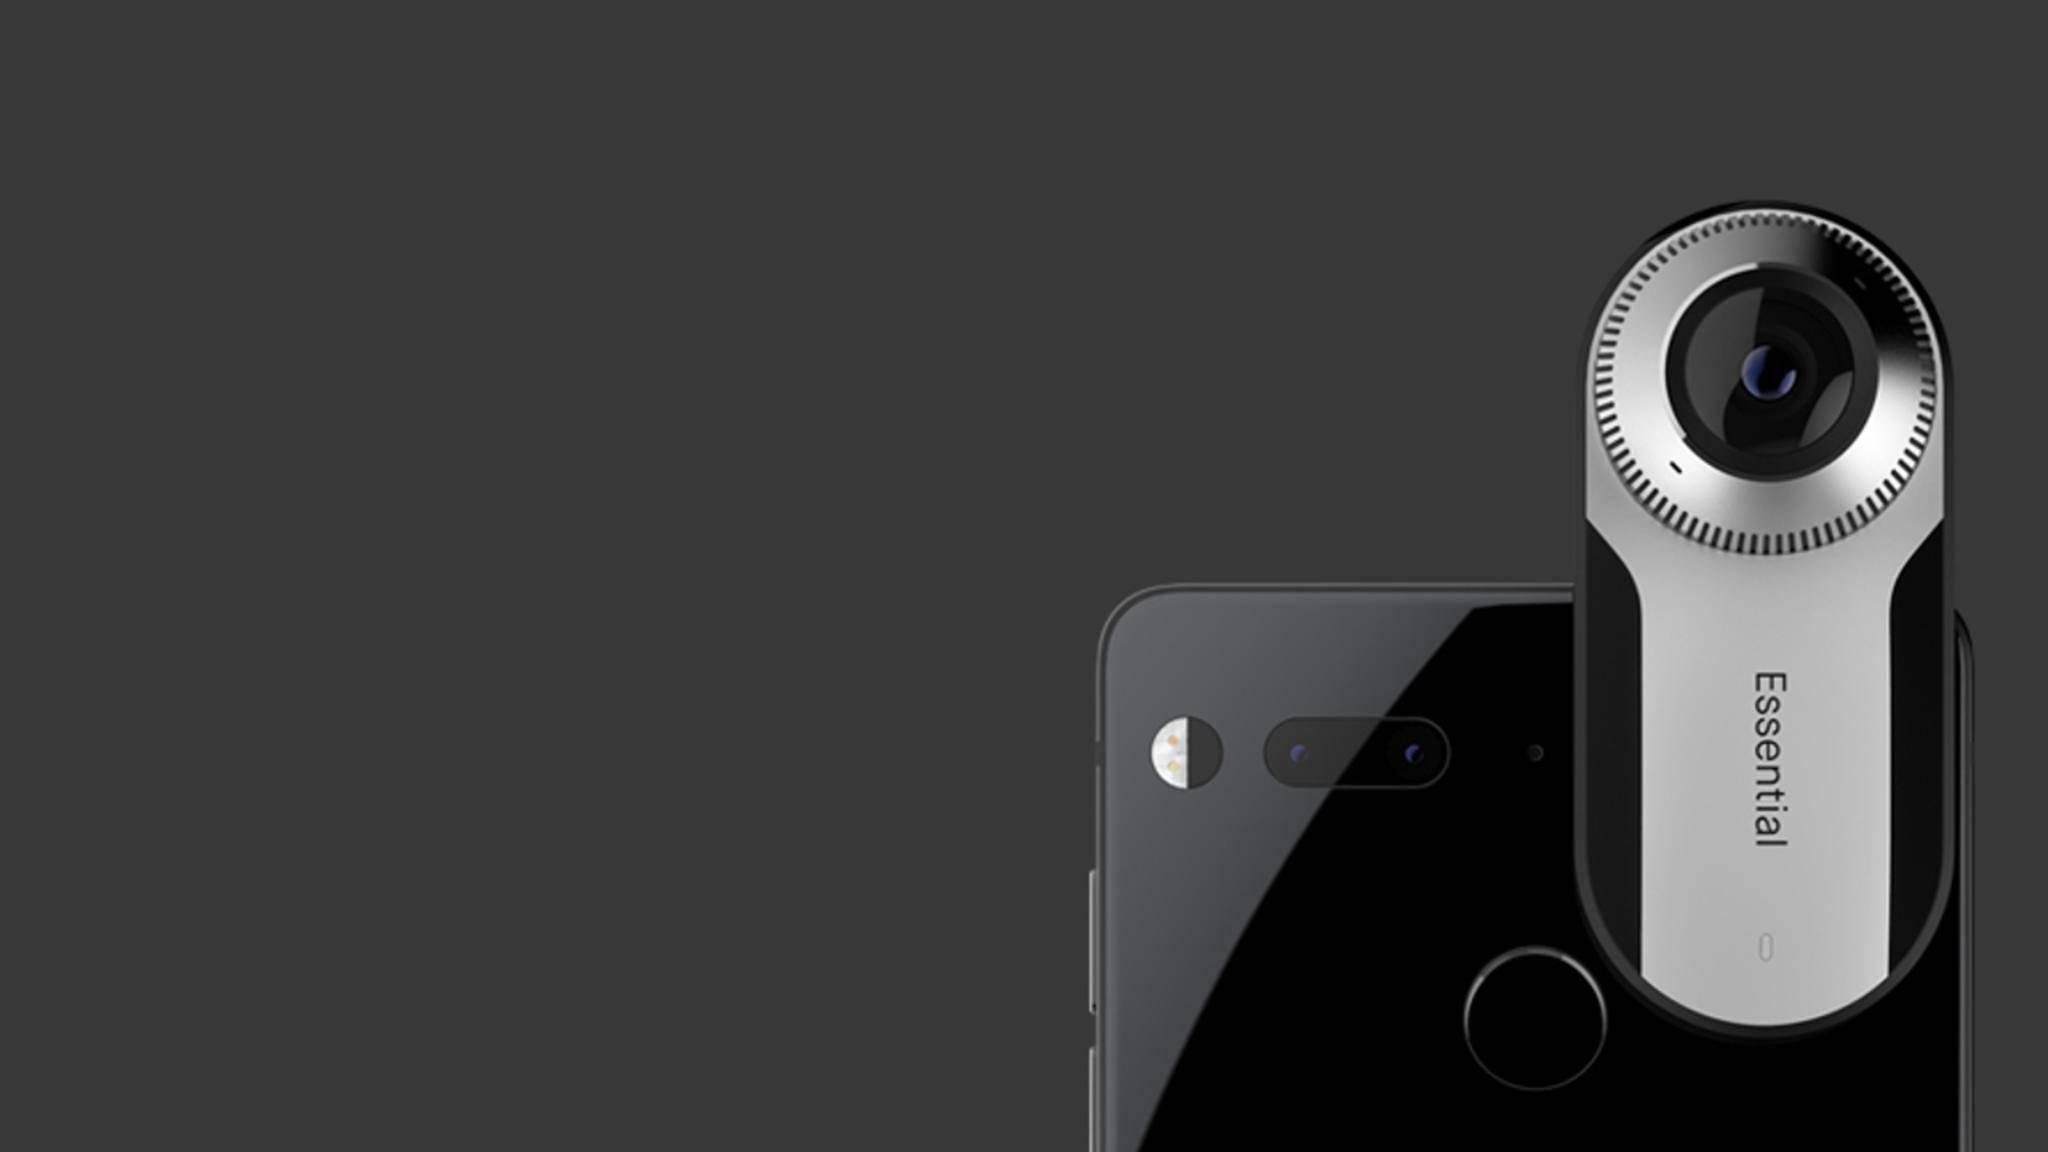 Das modulare Essential Phone lässt weiter auf sich warten.